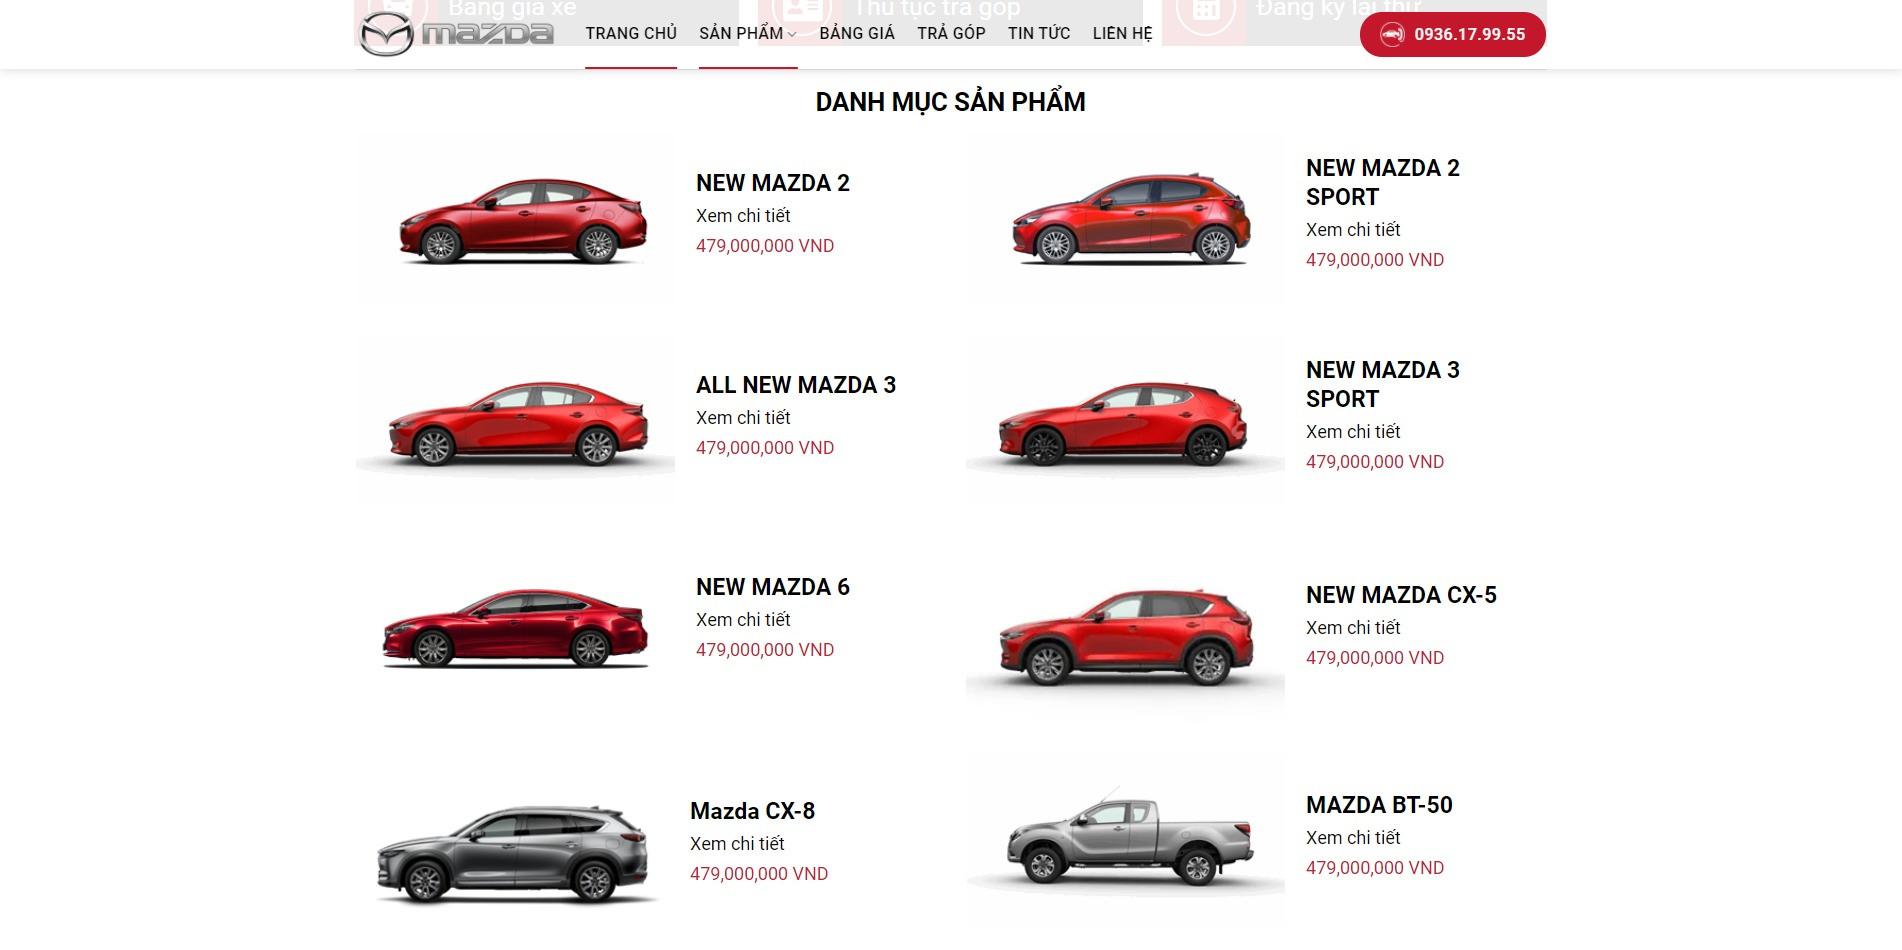 Mục sản phẩm các dòng xe của Mazda